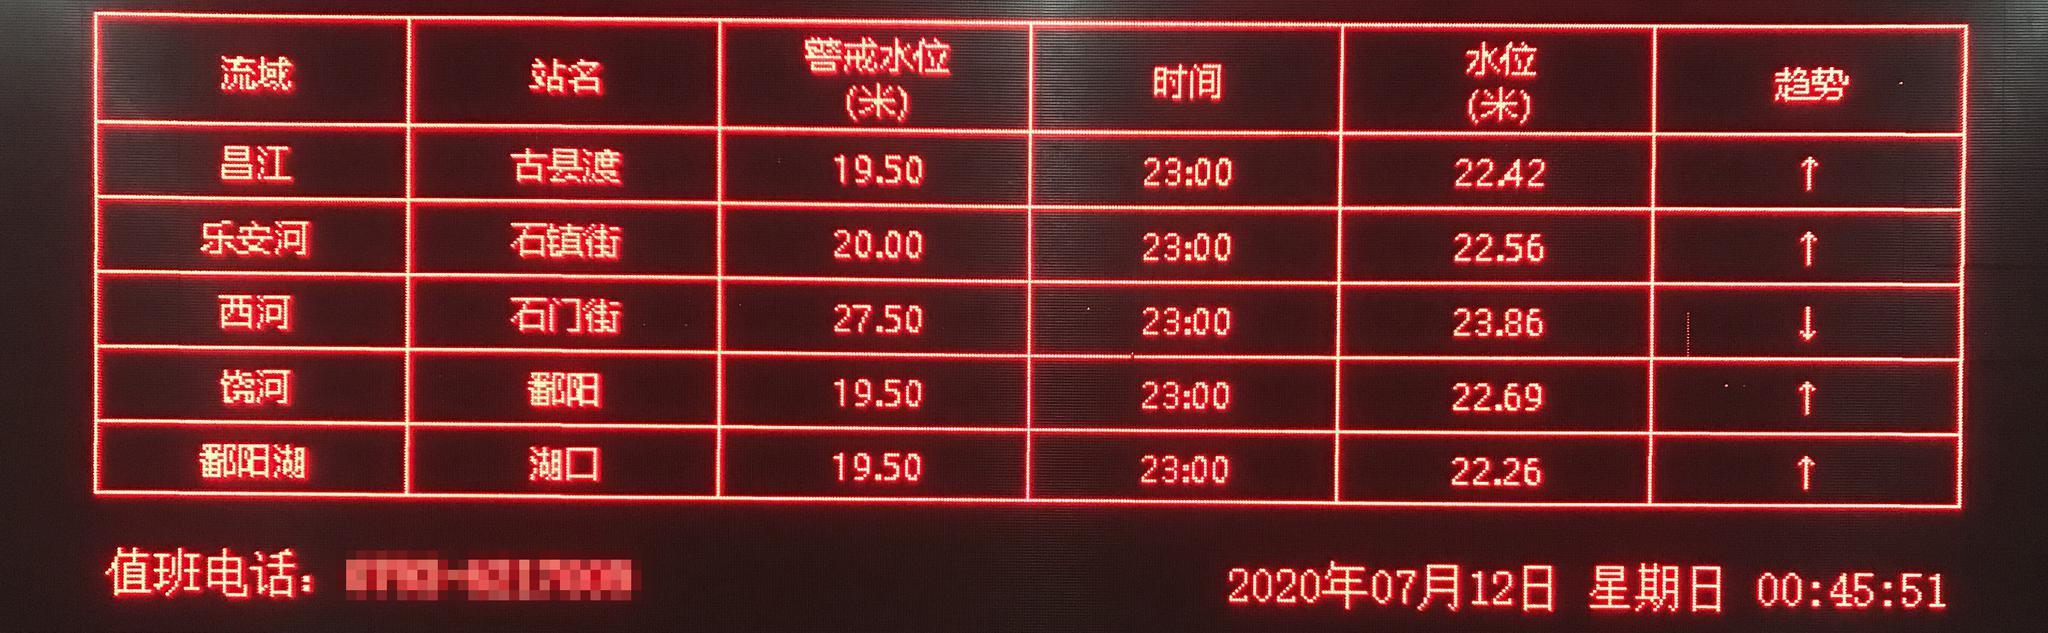 7月12日破晓,鄱阳县防汛抗旱批示部大屏数据。